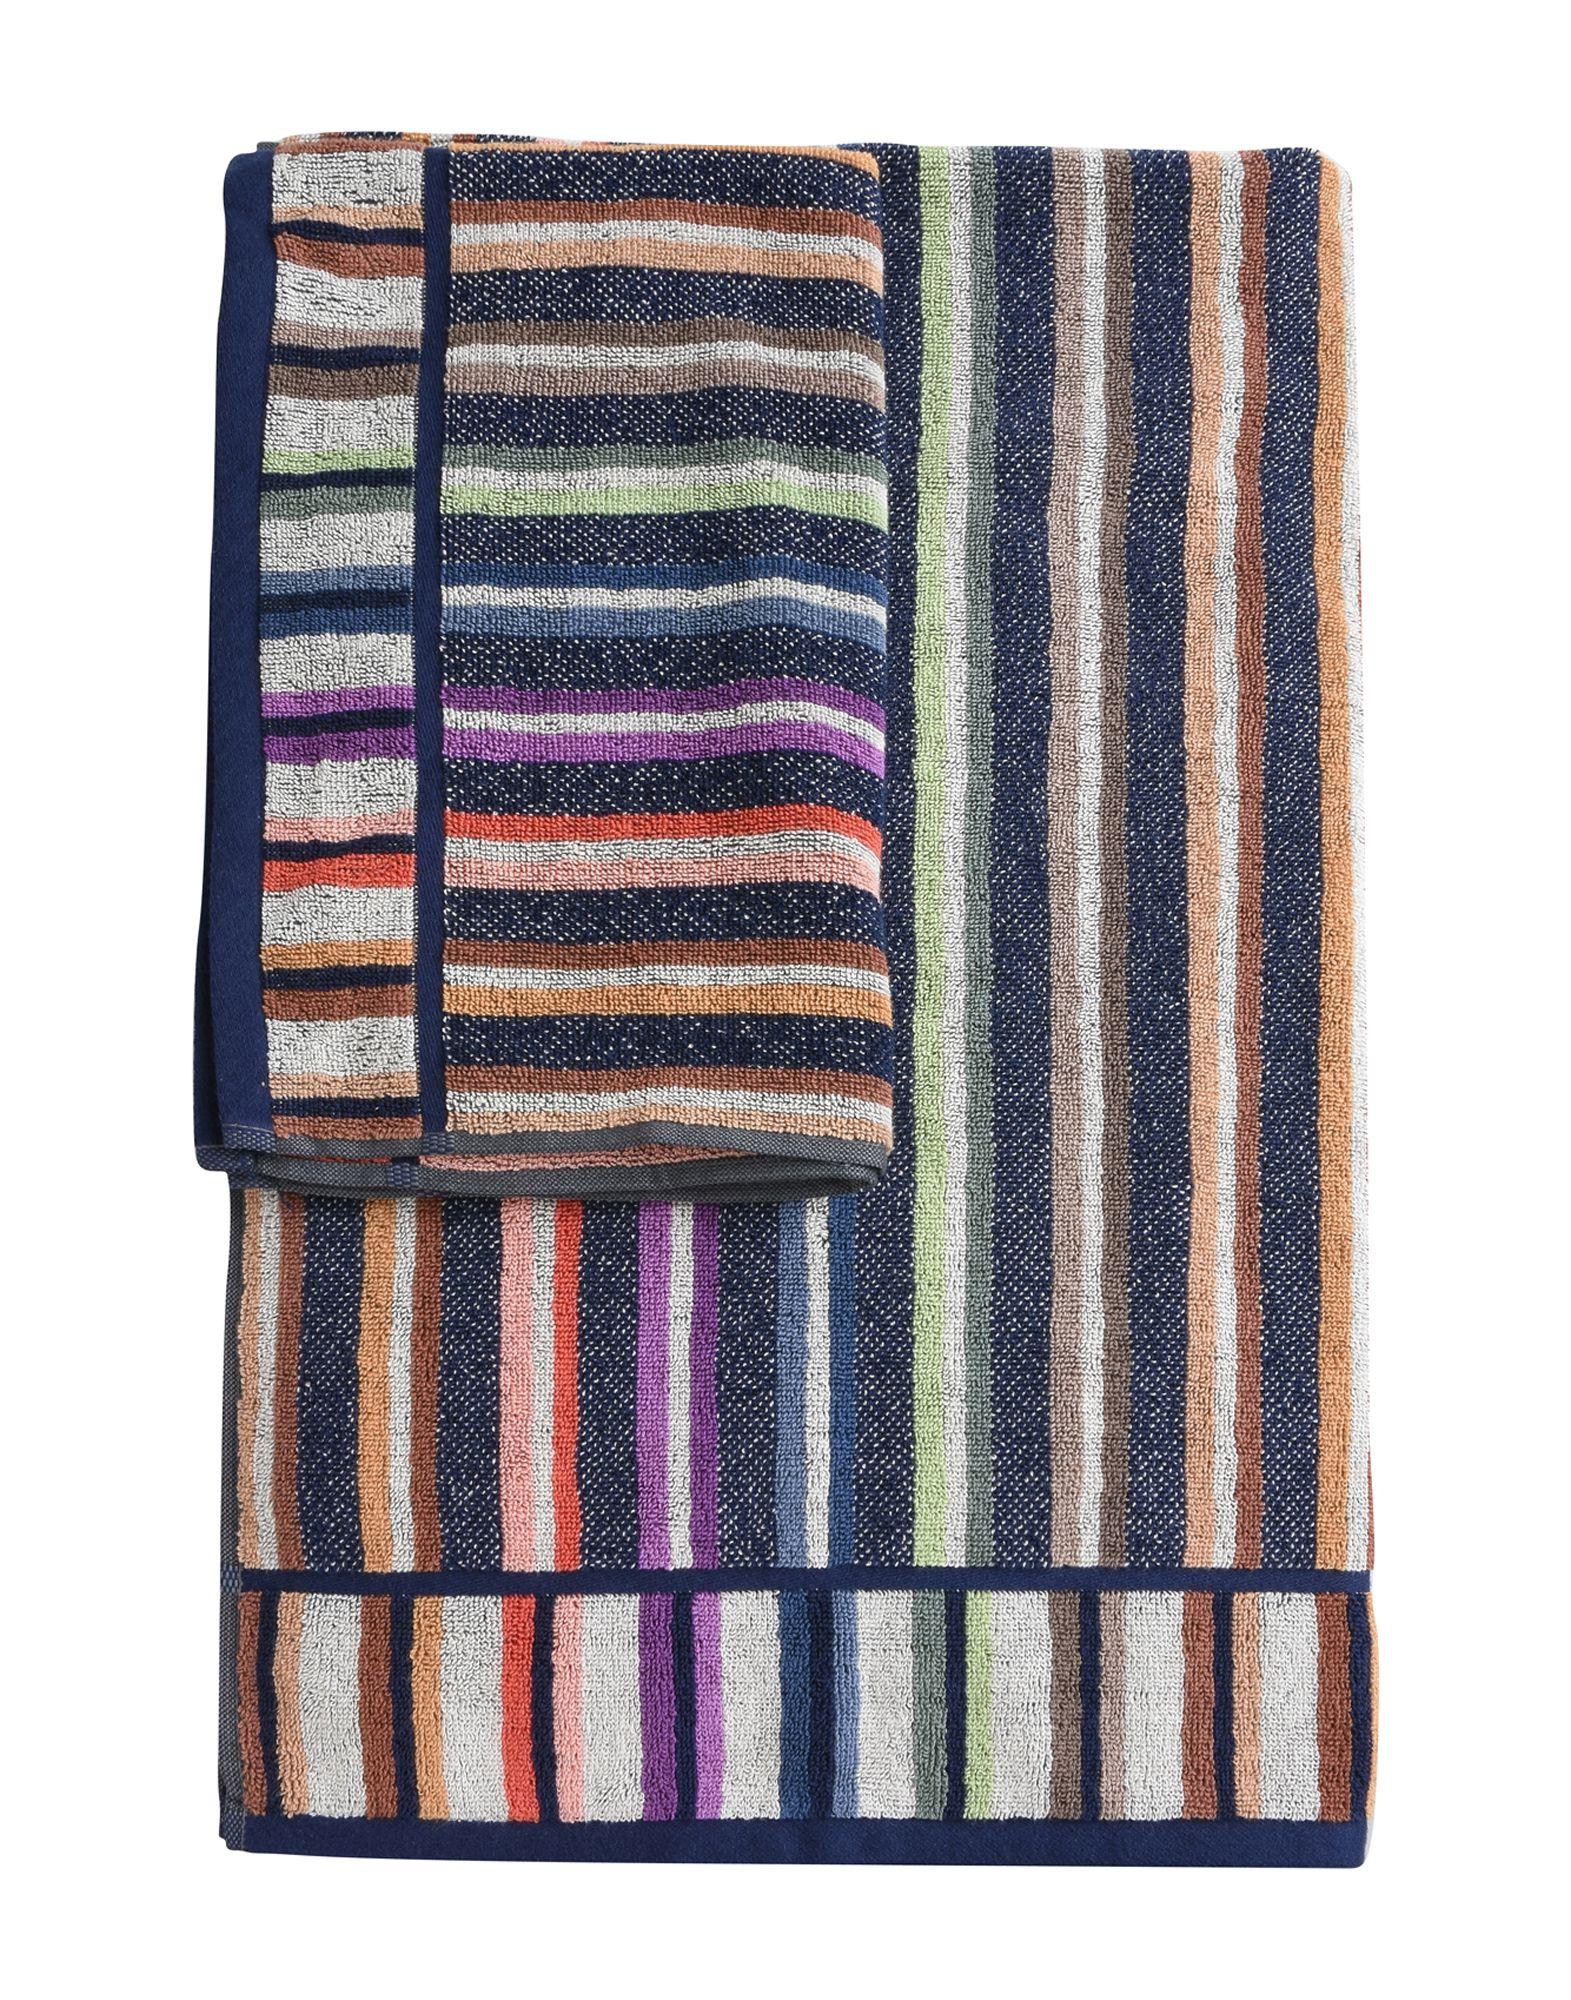 MISSONI HOME Unisex Handtuch Farbe Dunkelblau Größe 1 - broschei